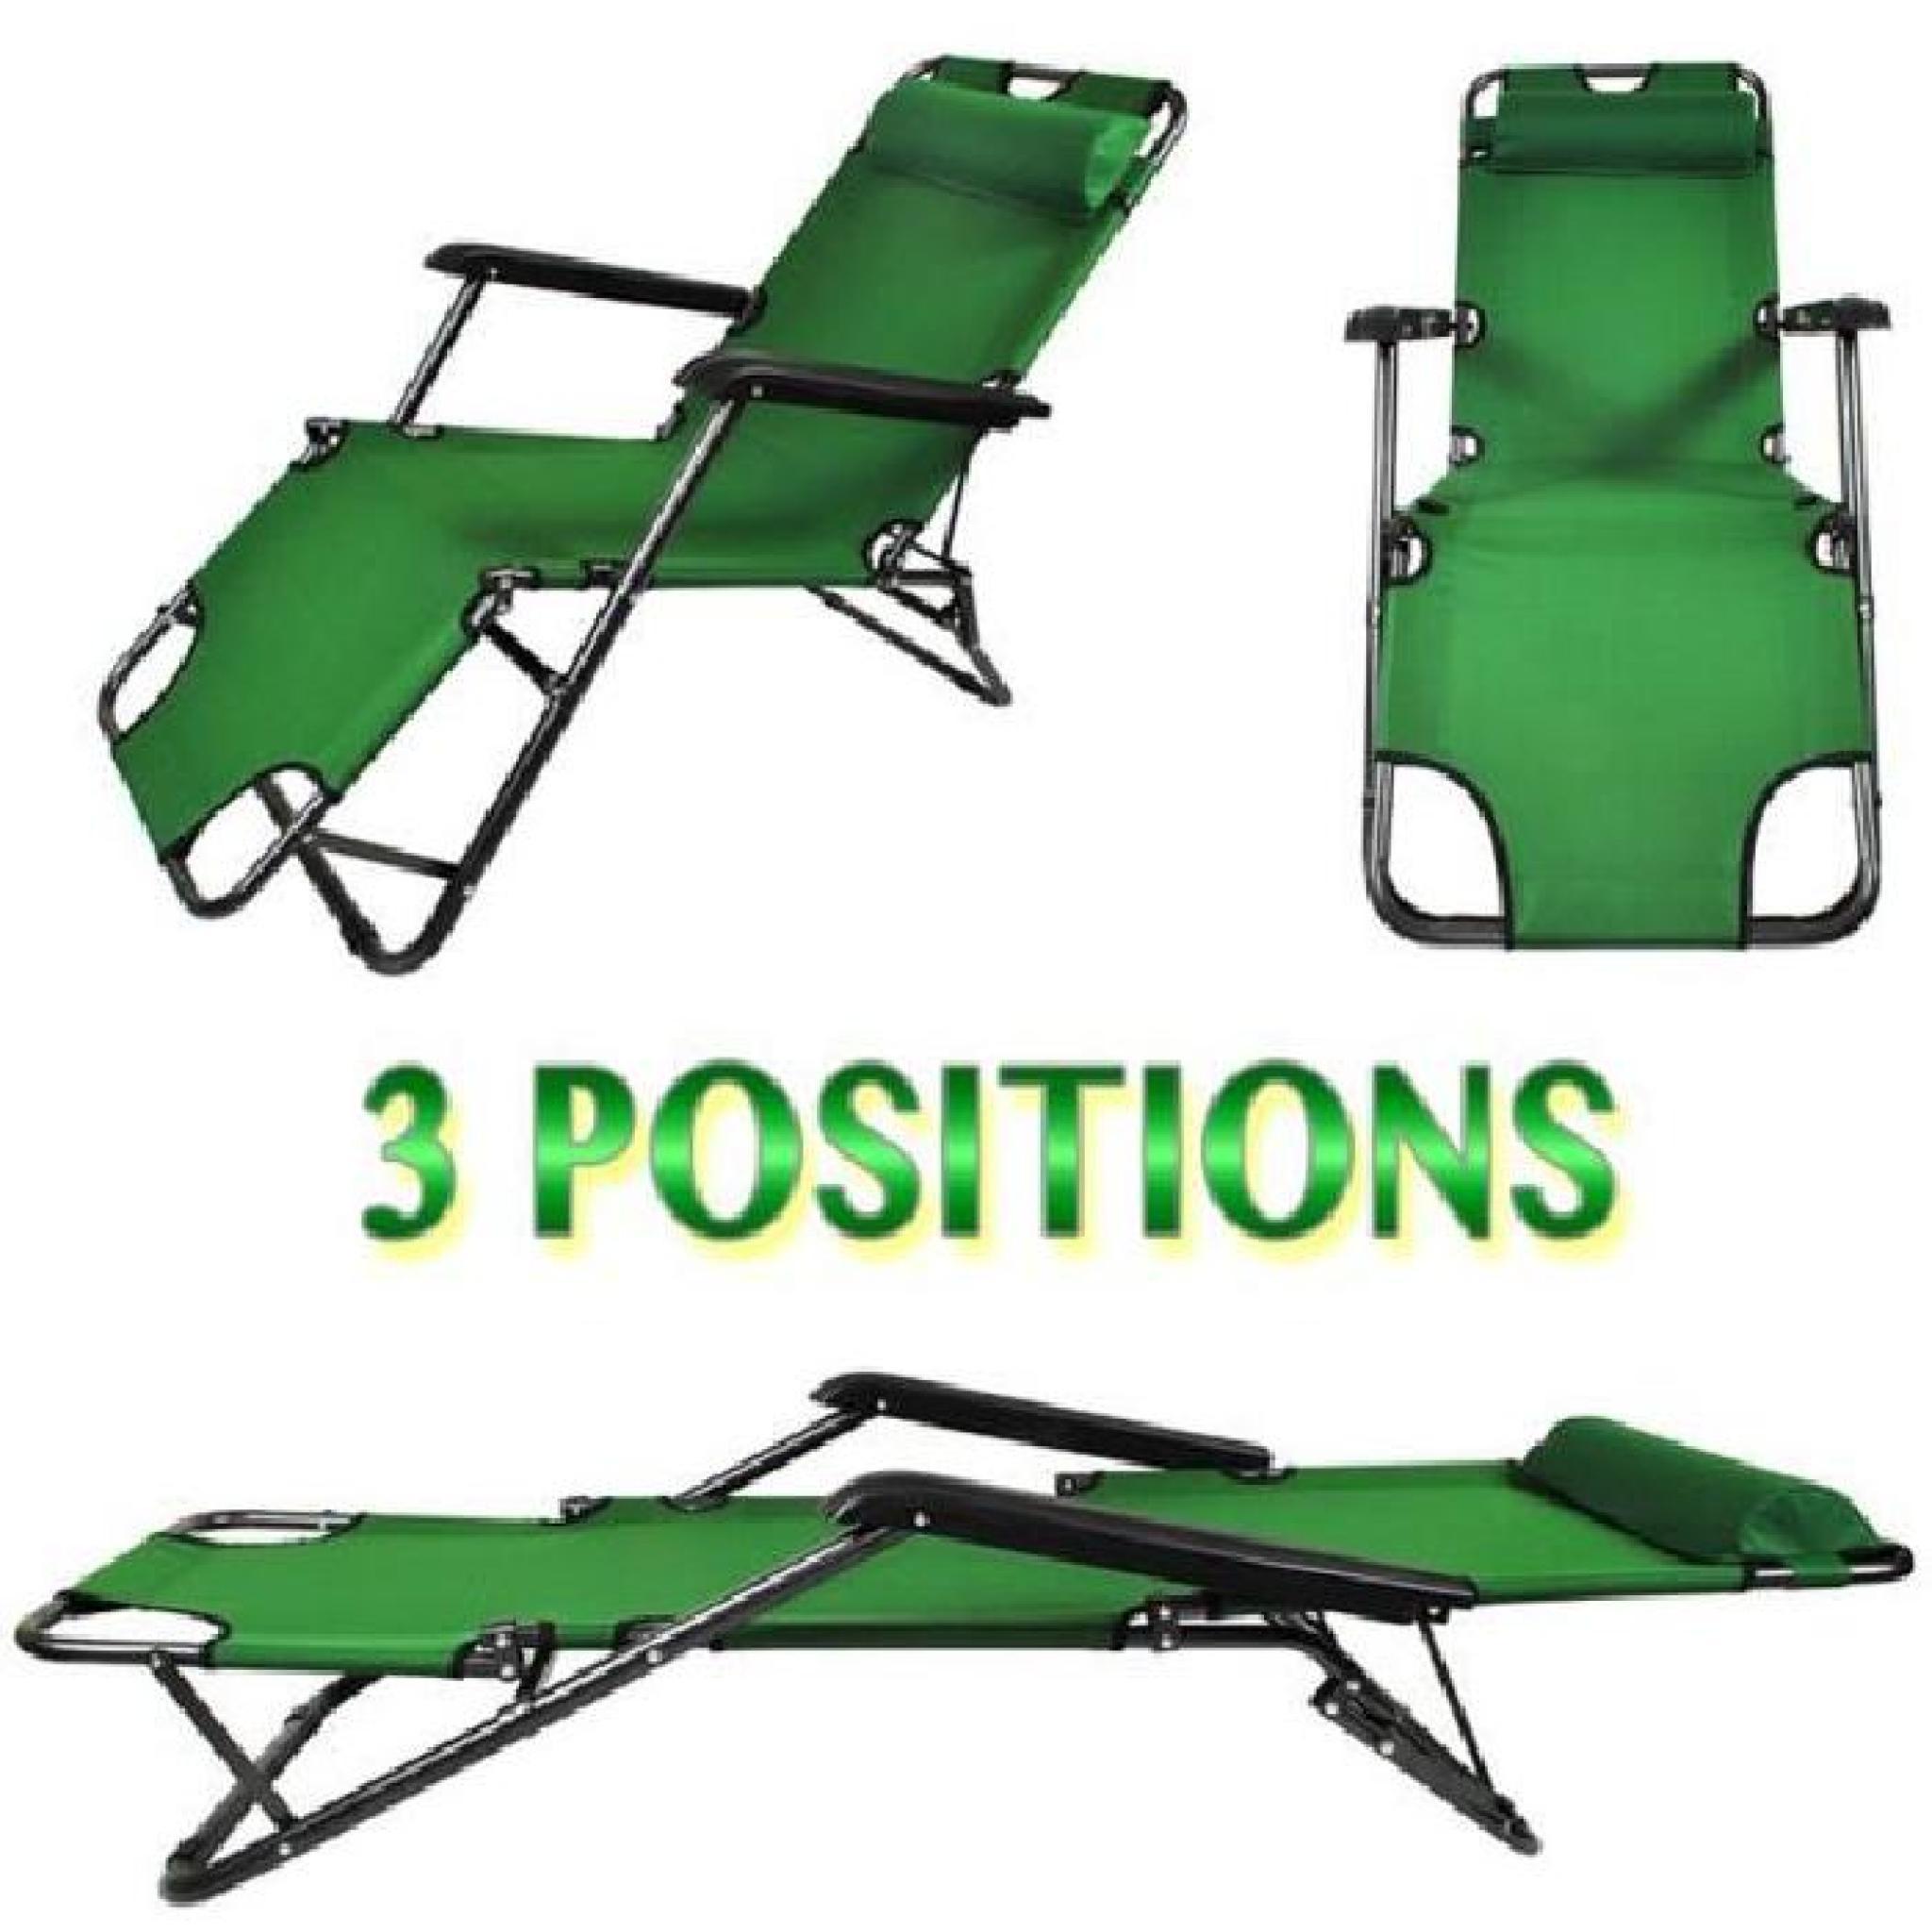 transat de jardin pas cher chaise longue transat 3 positions fauteuil pliable jardin